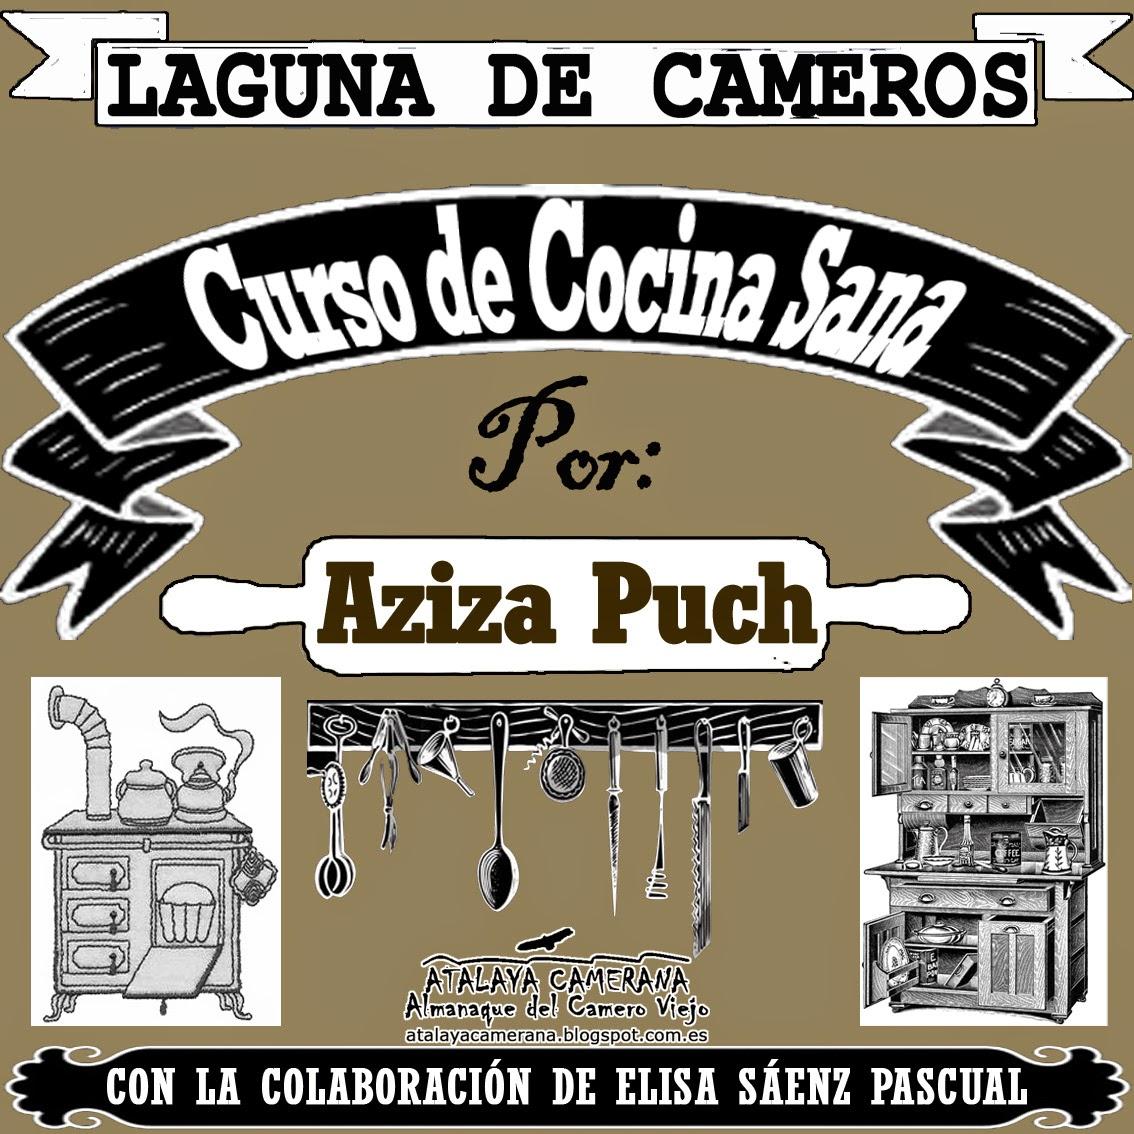 Laguna de Cameros: Curso de Cocina Sana por Aziza Puch